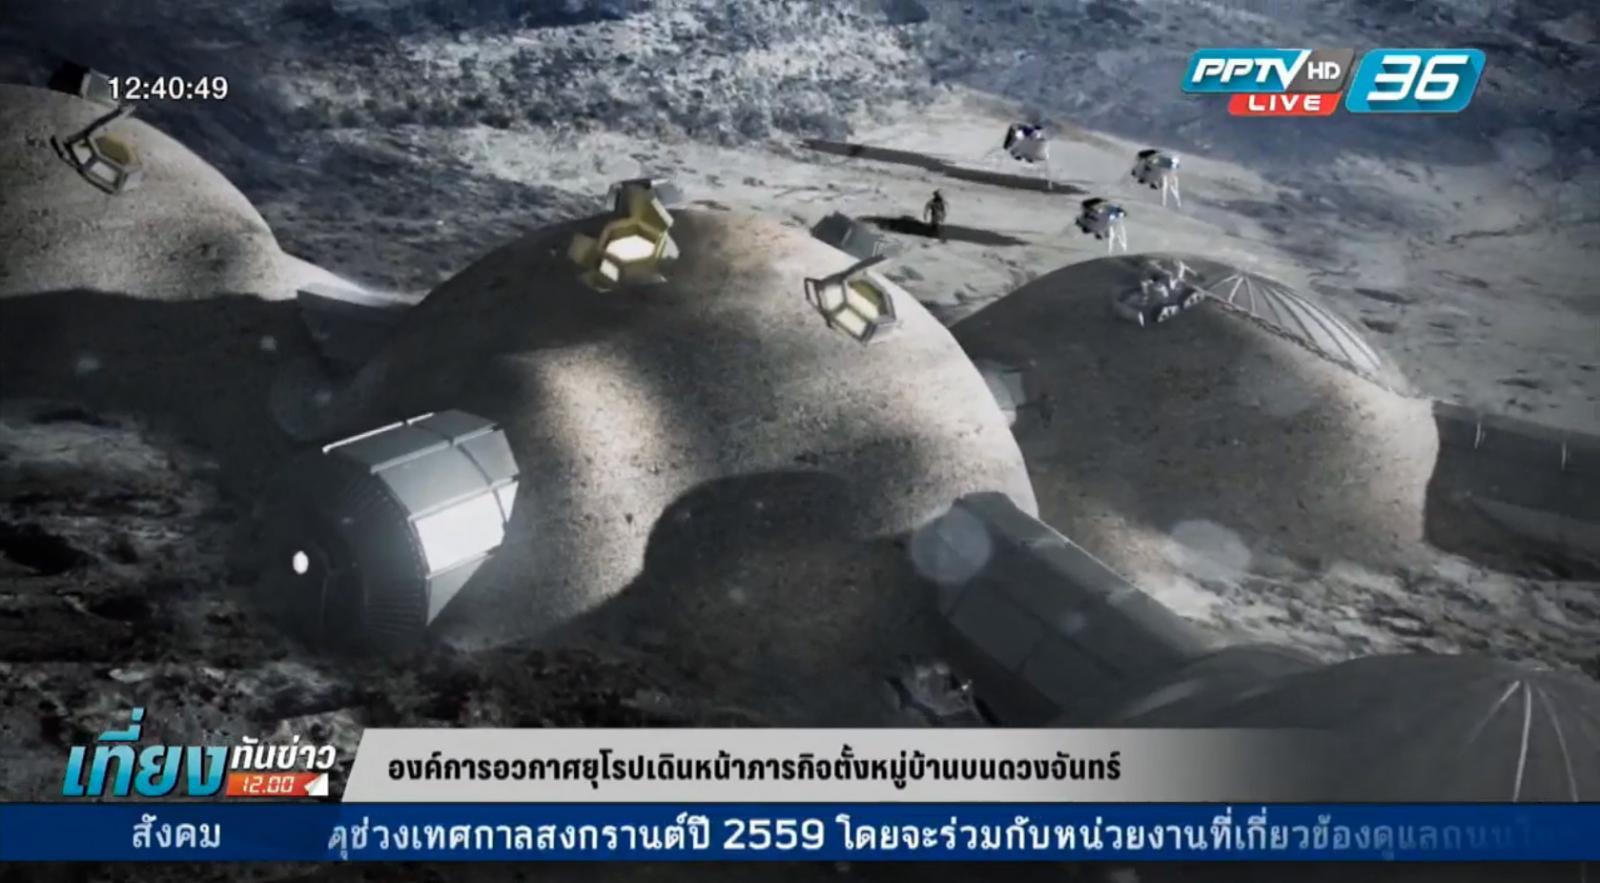 ESA เดินหน้าโครงการตั้งหมู่บ้านบนดวงจันทร์